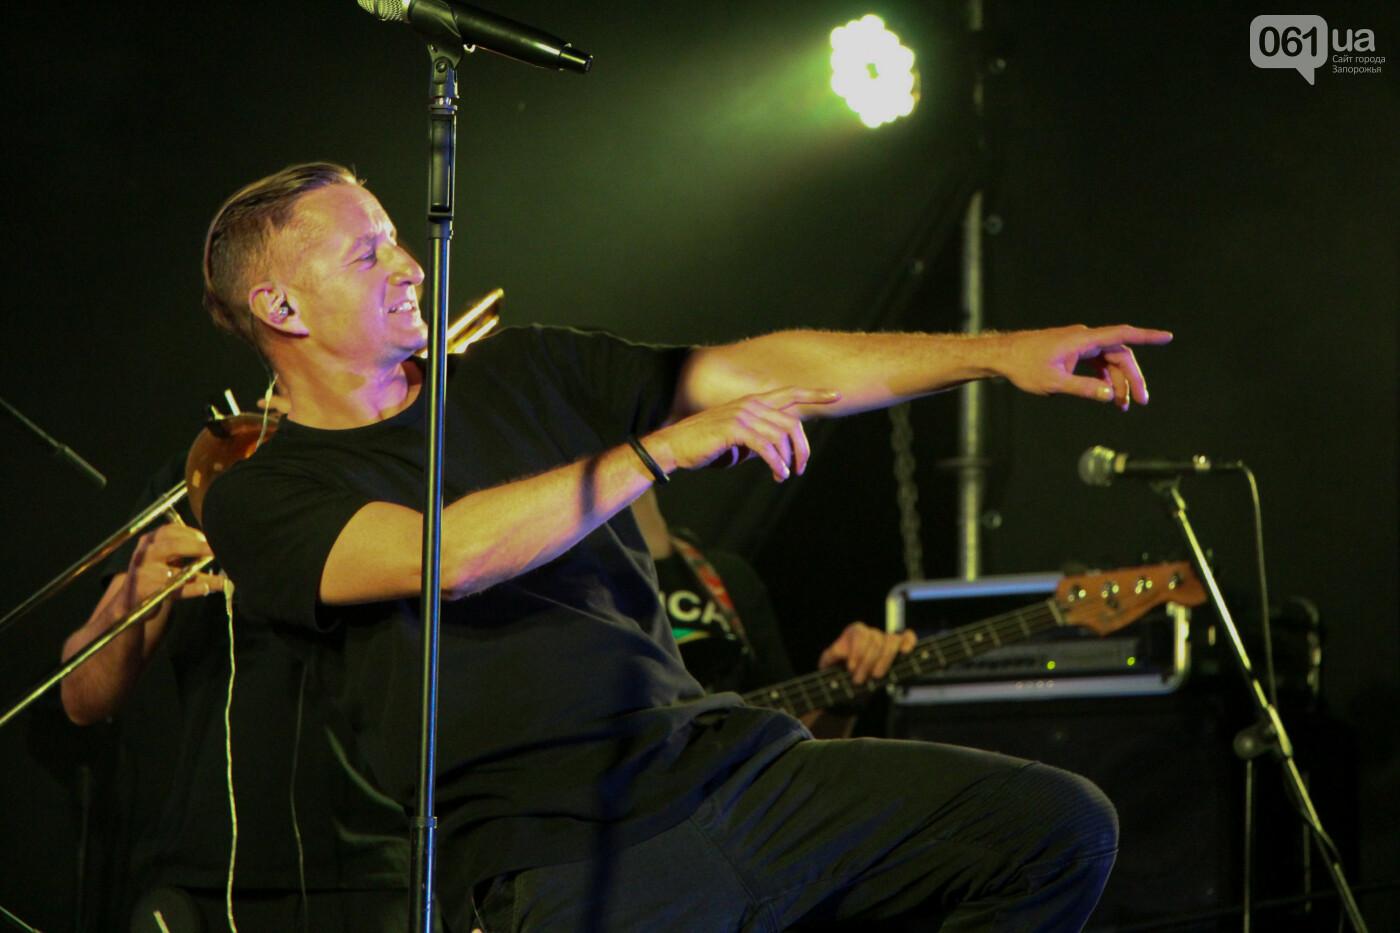 Концерт группы «Жадан і Собаки» собрал сотни запорожцев: как это было, - ФОТОРЕПОРТАЖ, фото-7